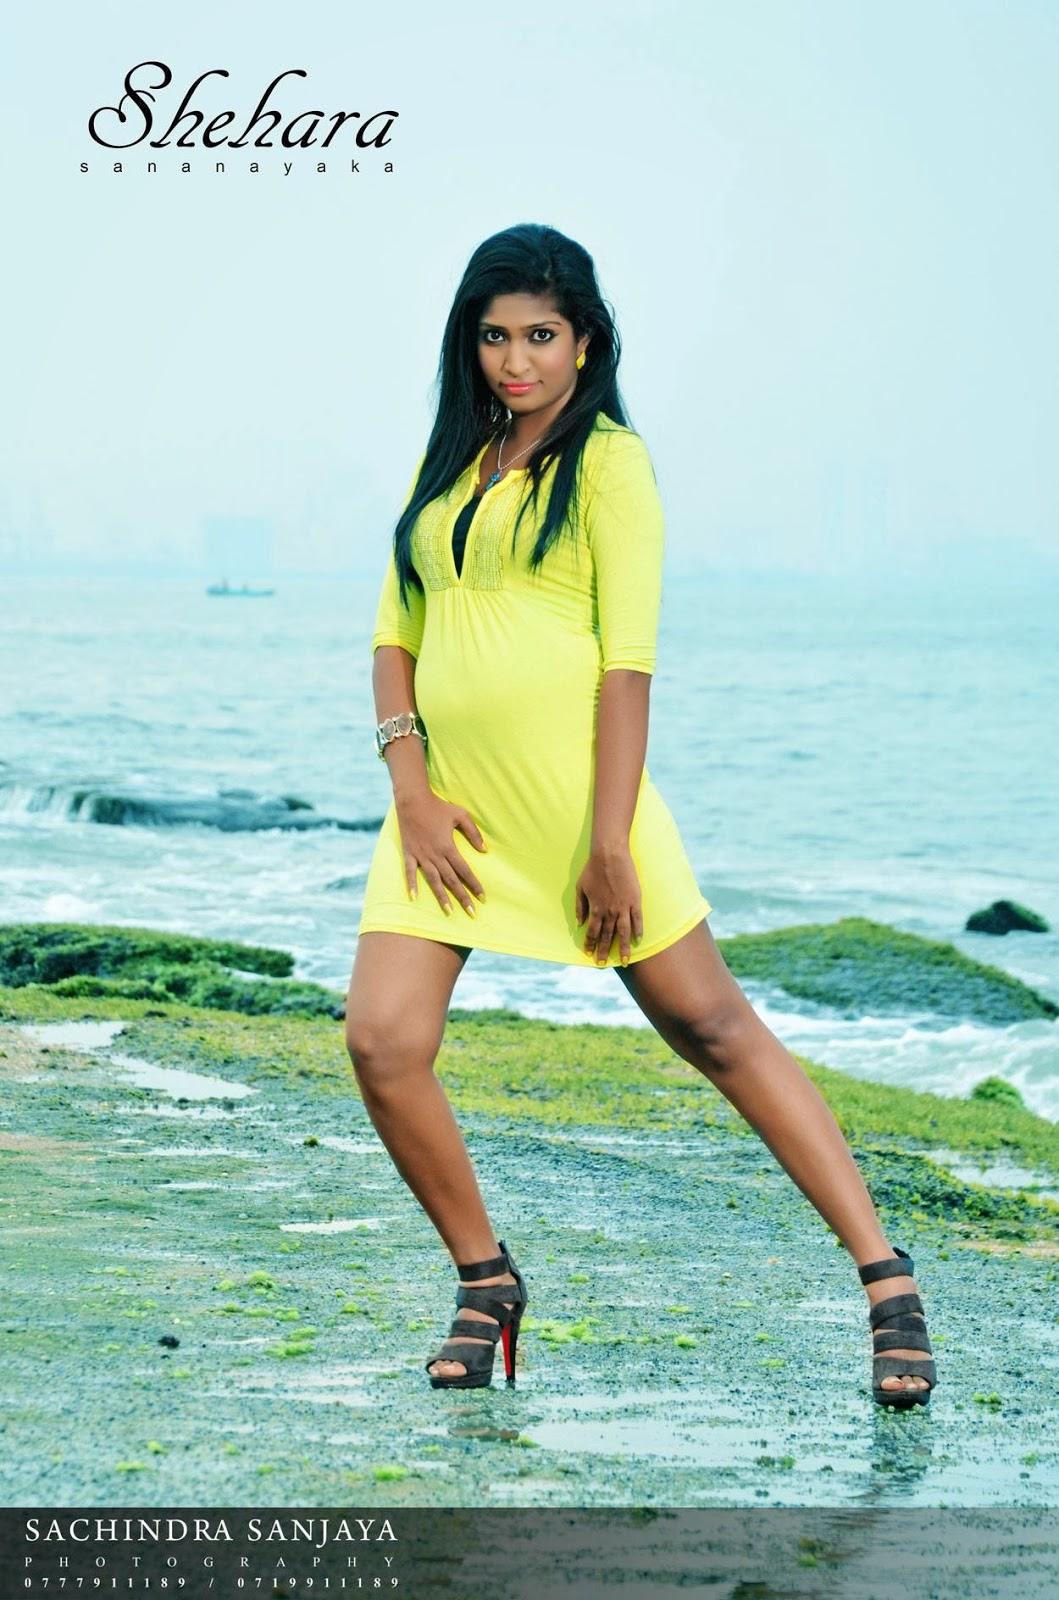 Shehara Sananayaka hot beach legs